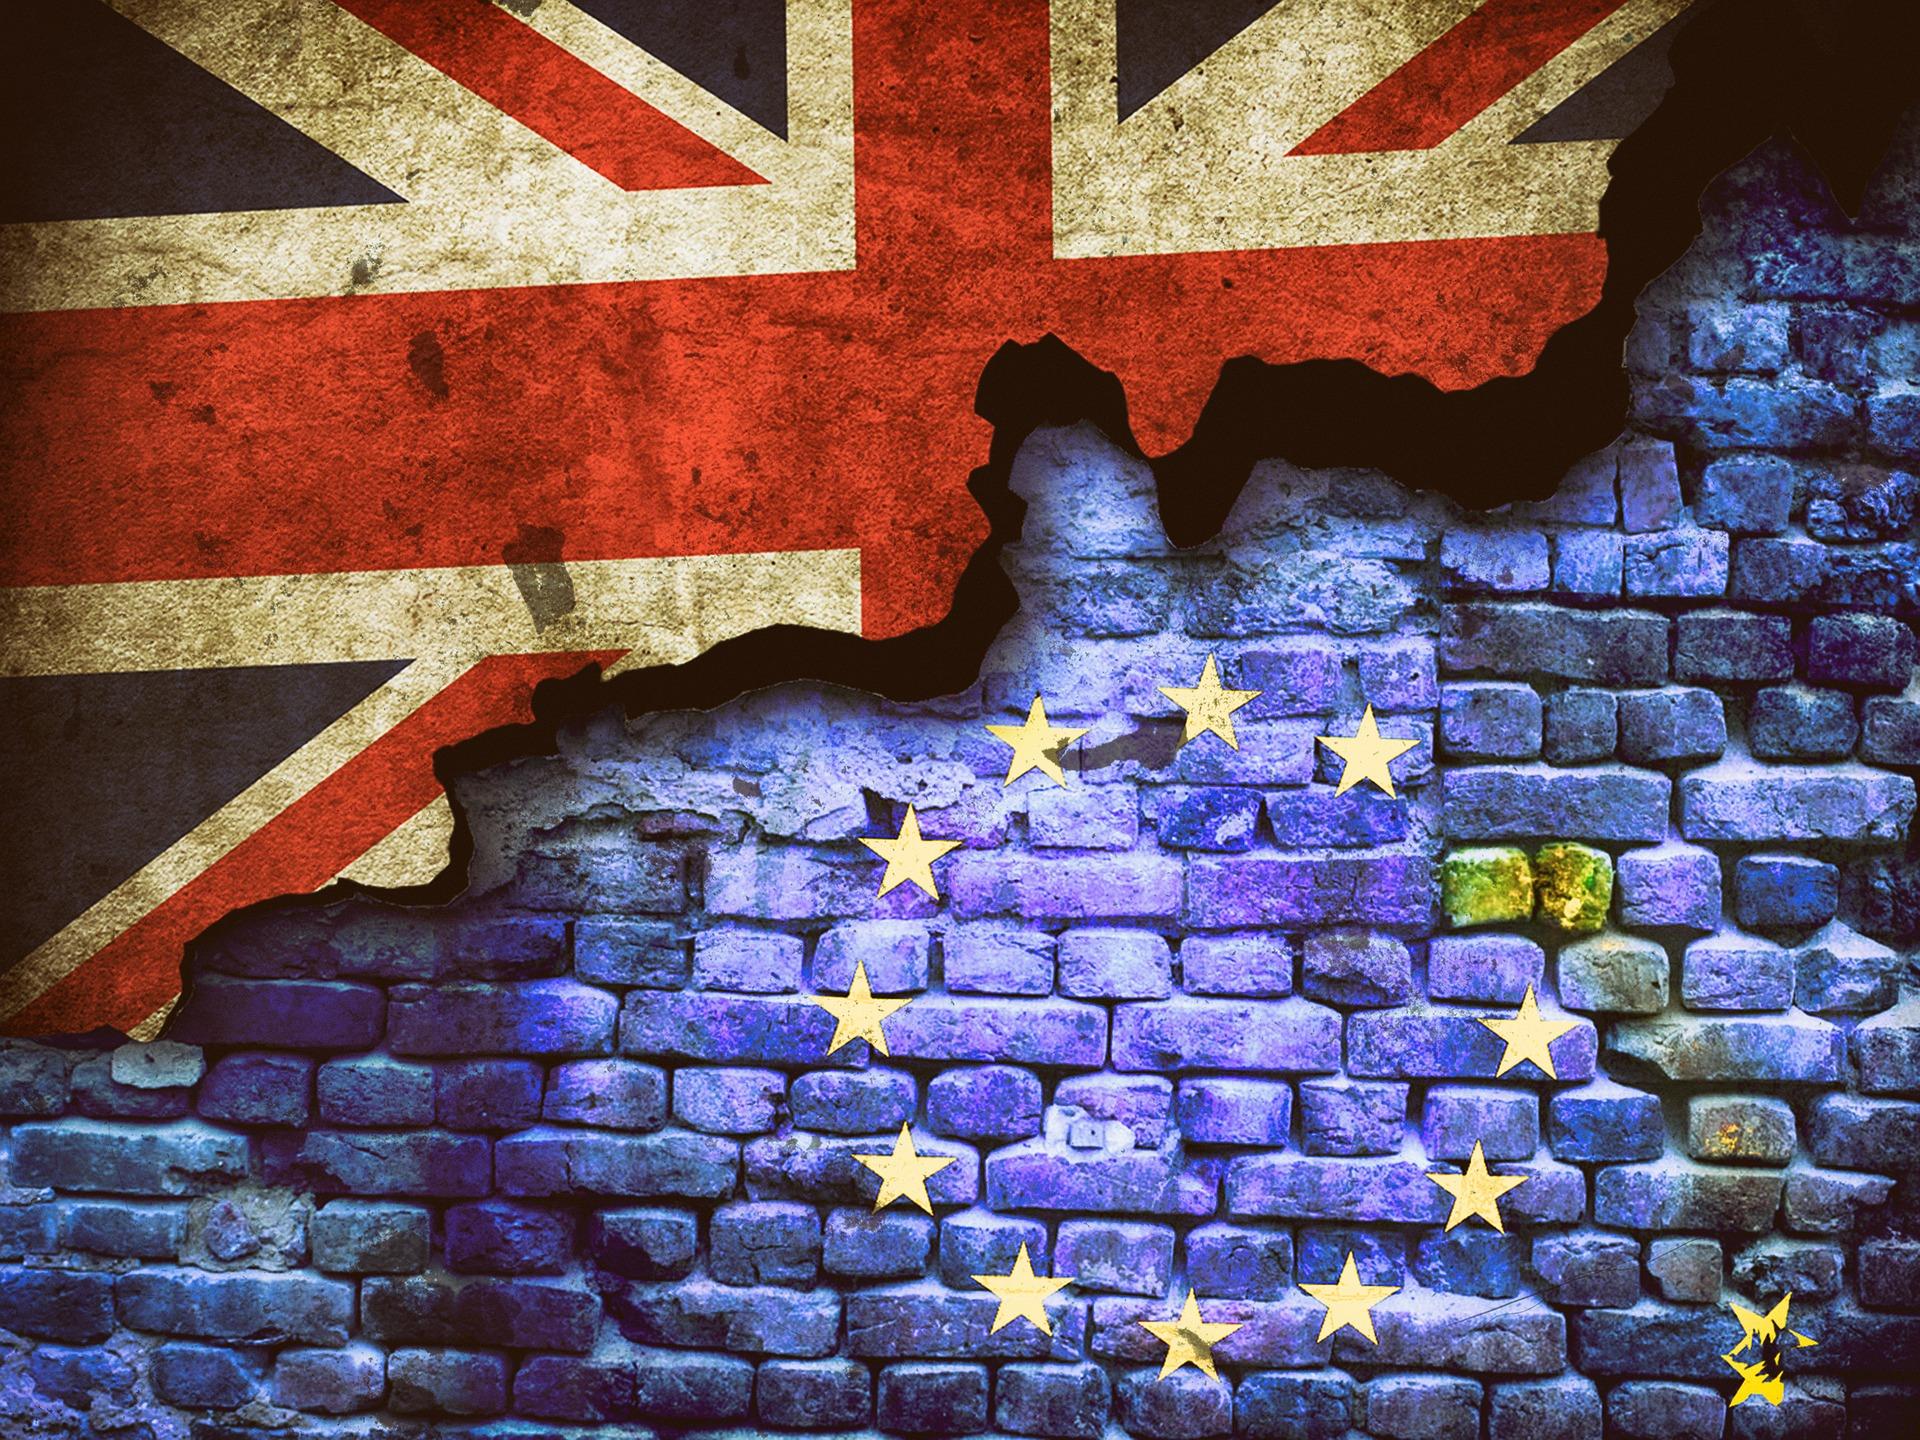 Deutsche Politiker verurteilen Boris Johnsons Rhetorik nach Brexit